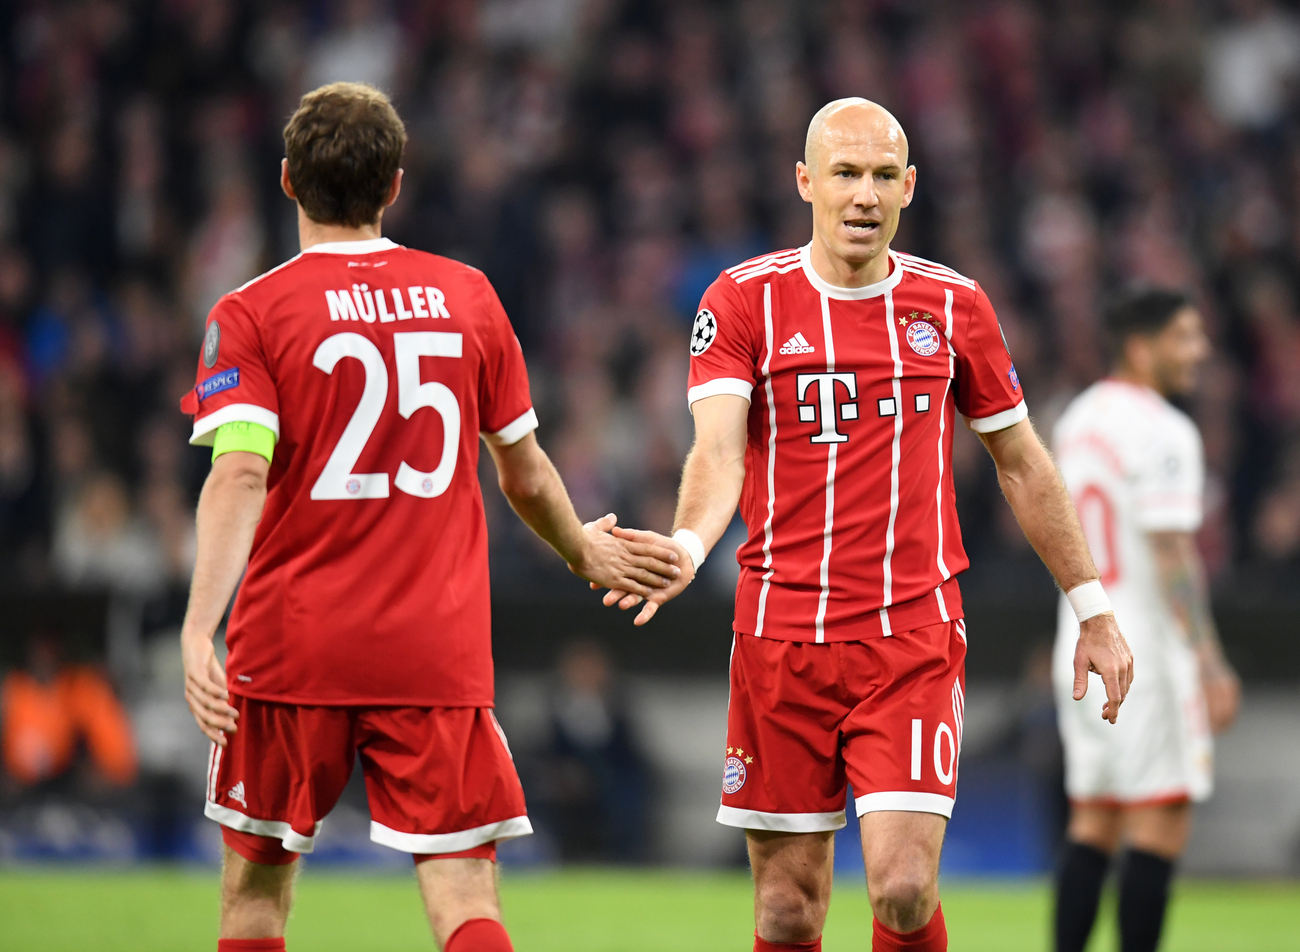 Niko Kovac entraîneur du Bayern Munich la saison prochaine — OFFICIEL